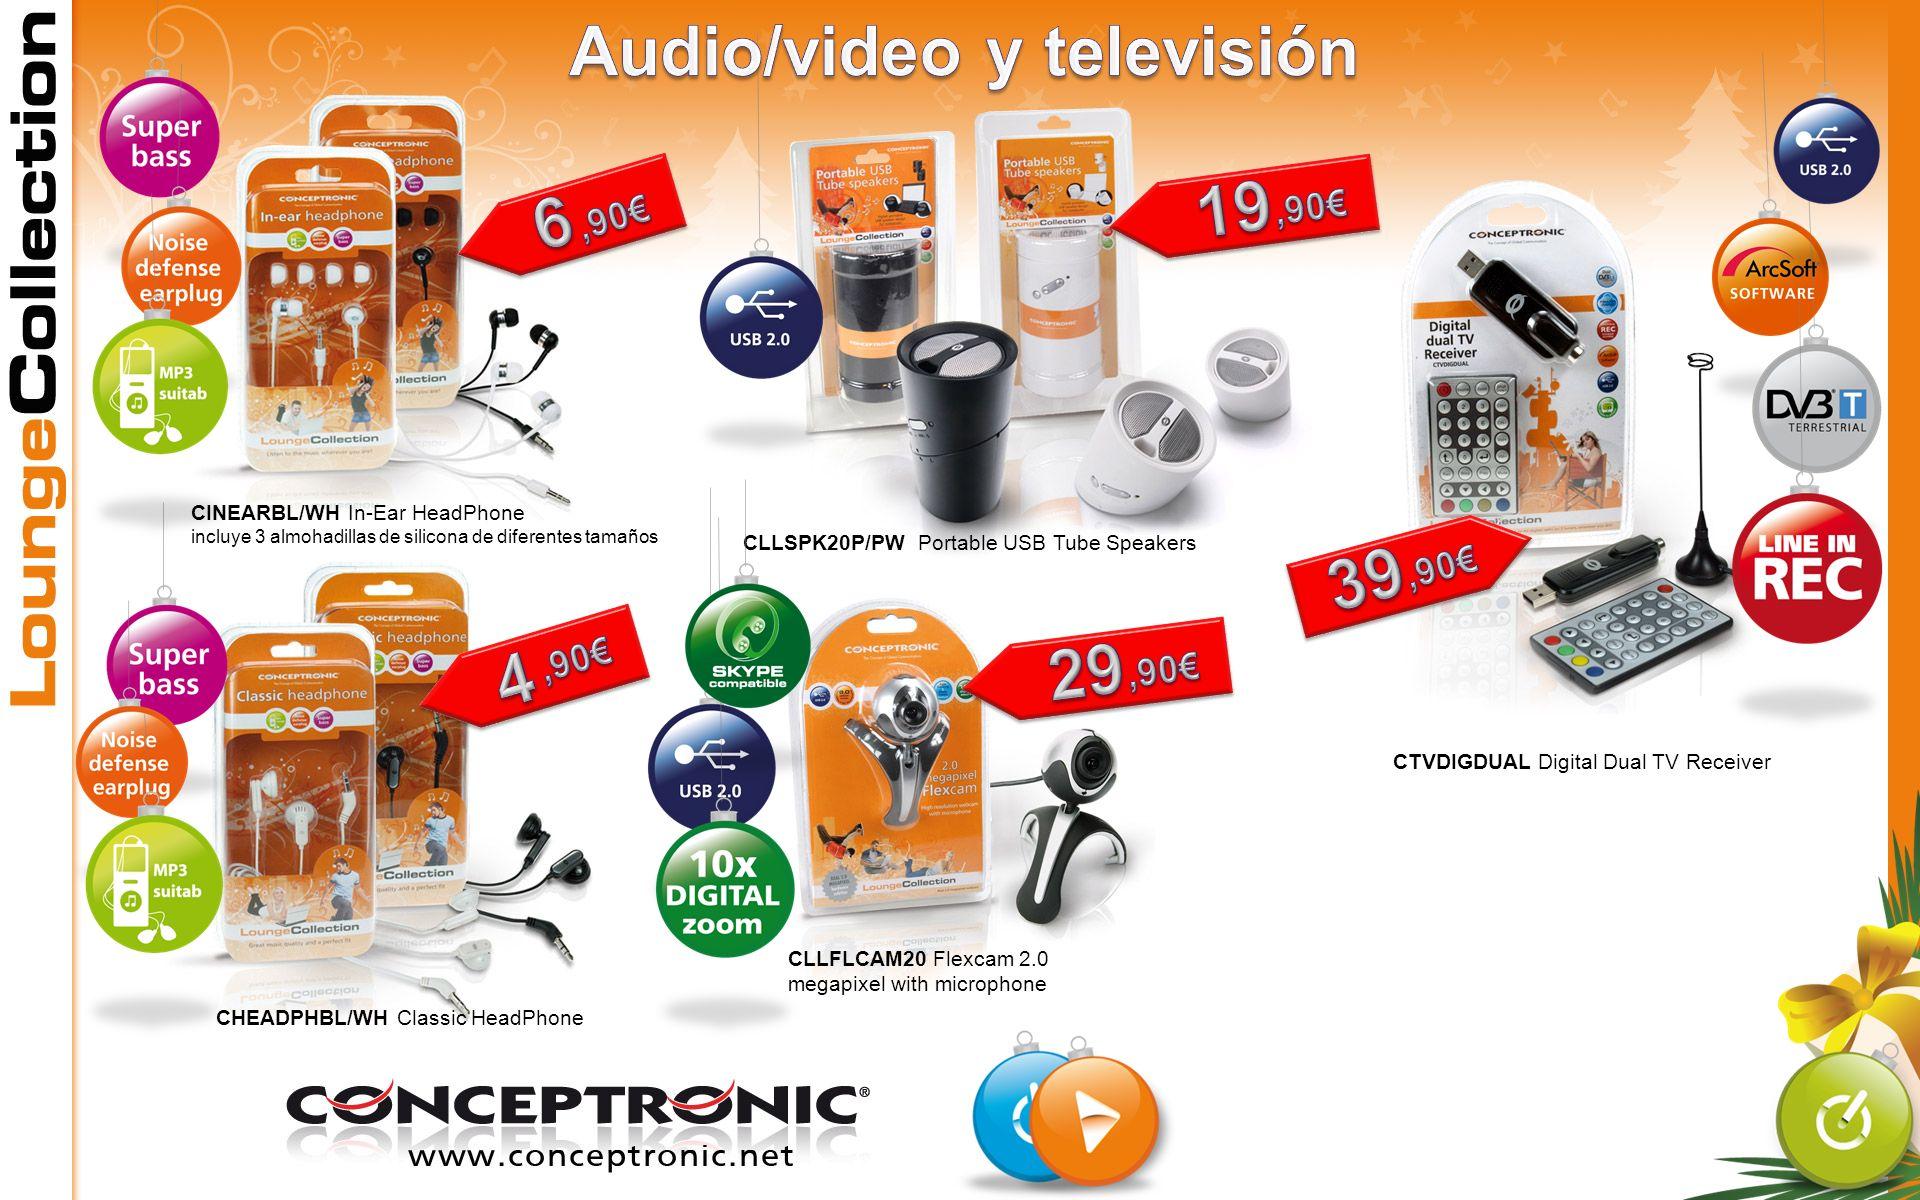 Audio/video y televisión